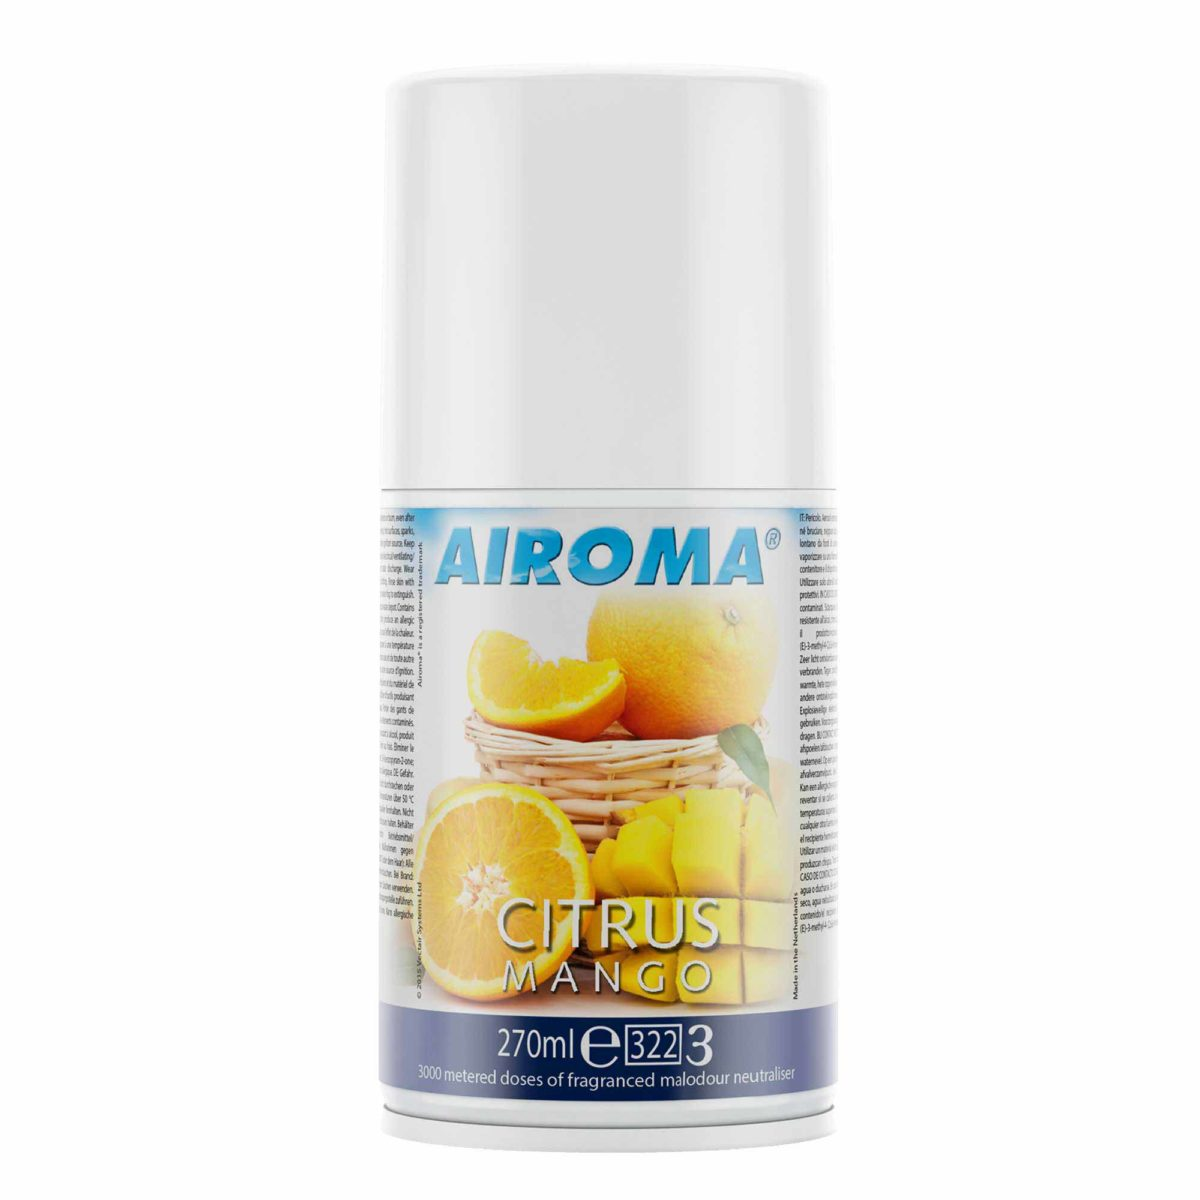 Vectair Airoma lõhn Citrus Mango, 270 ml, kastis 12 tk